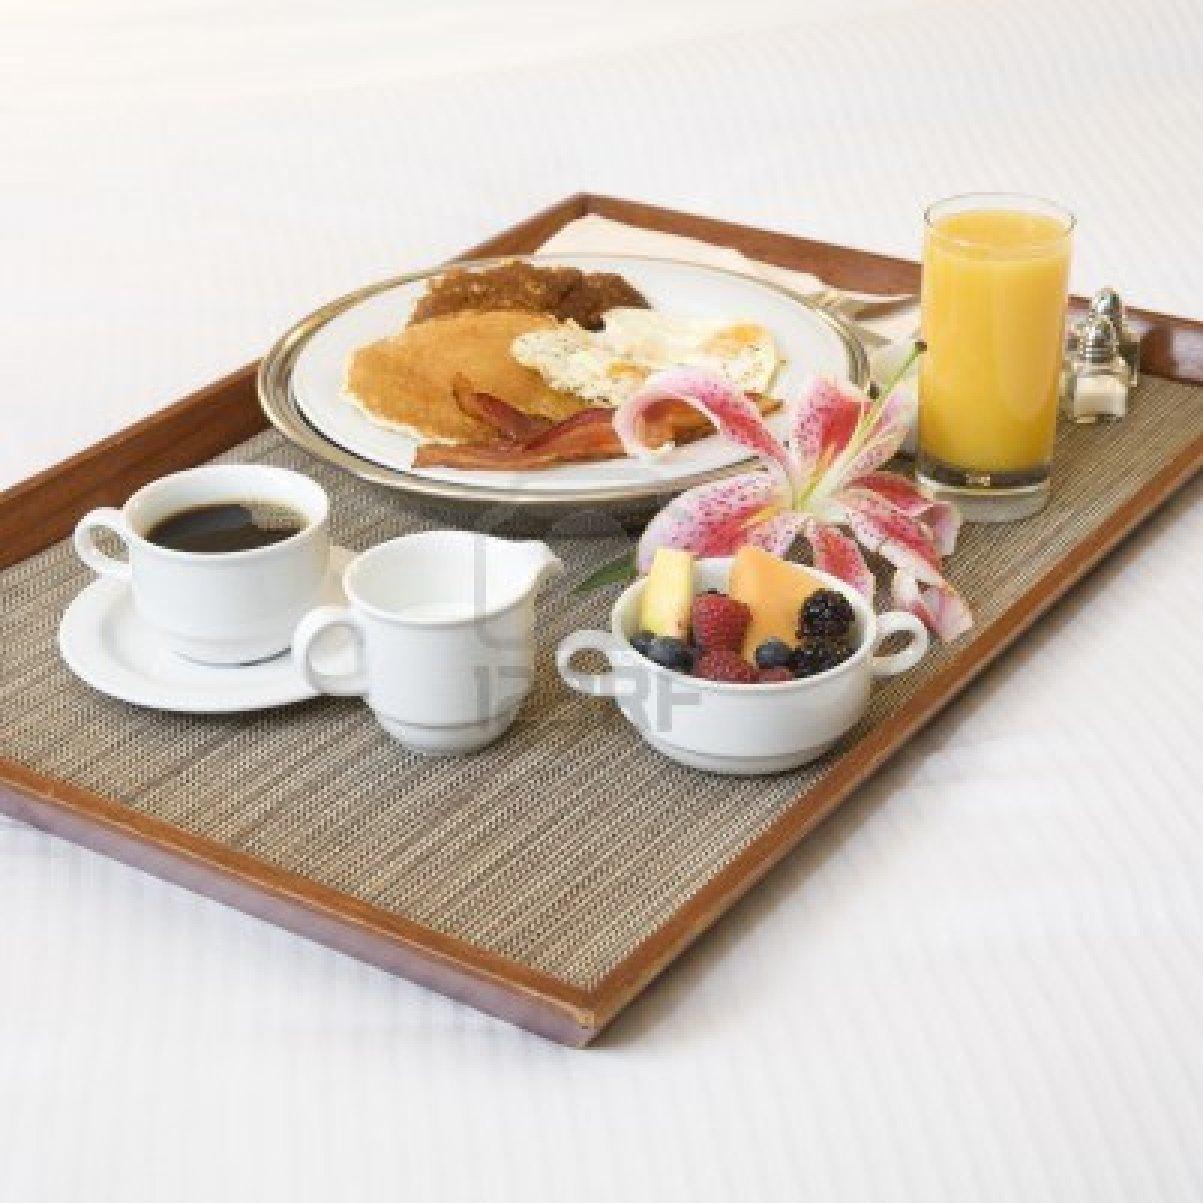 Eventos con amor - Bandeja desayuno cama ...